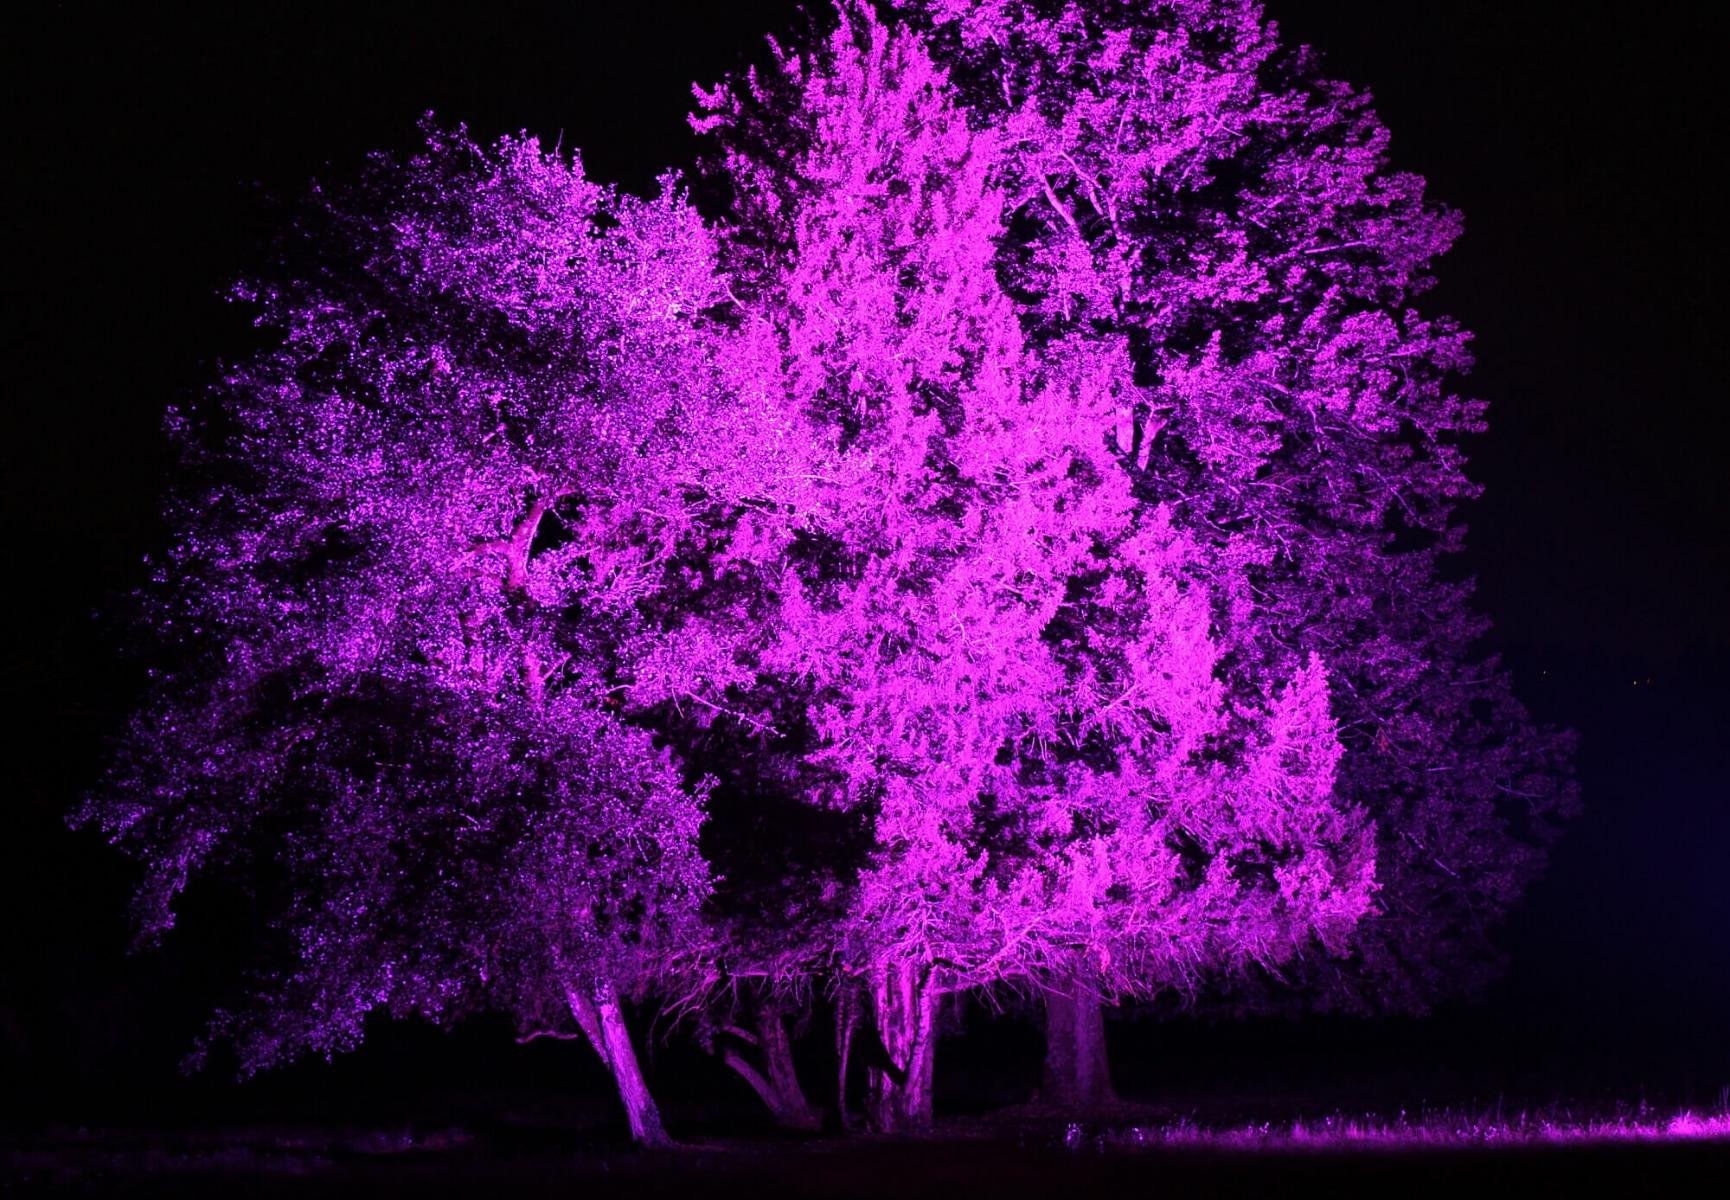 Mise en lumière d'arbres dans un jardin